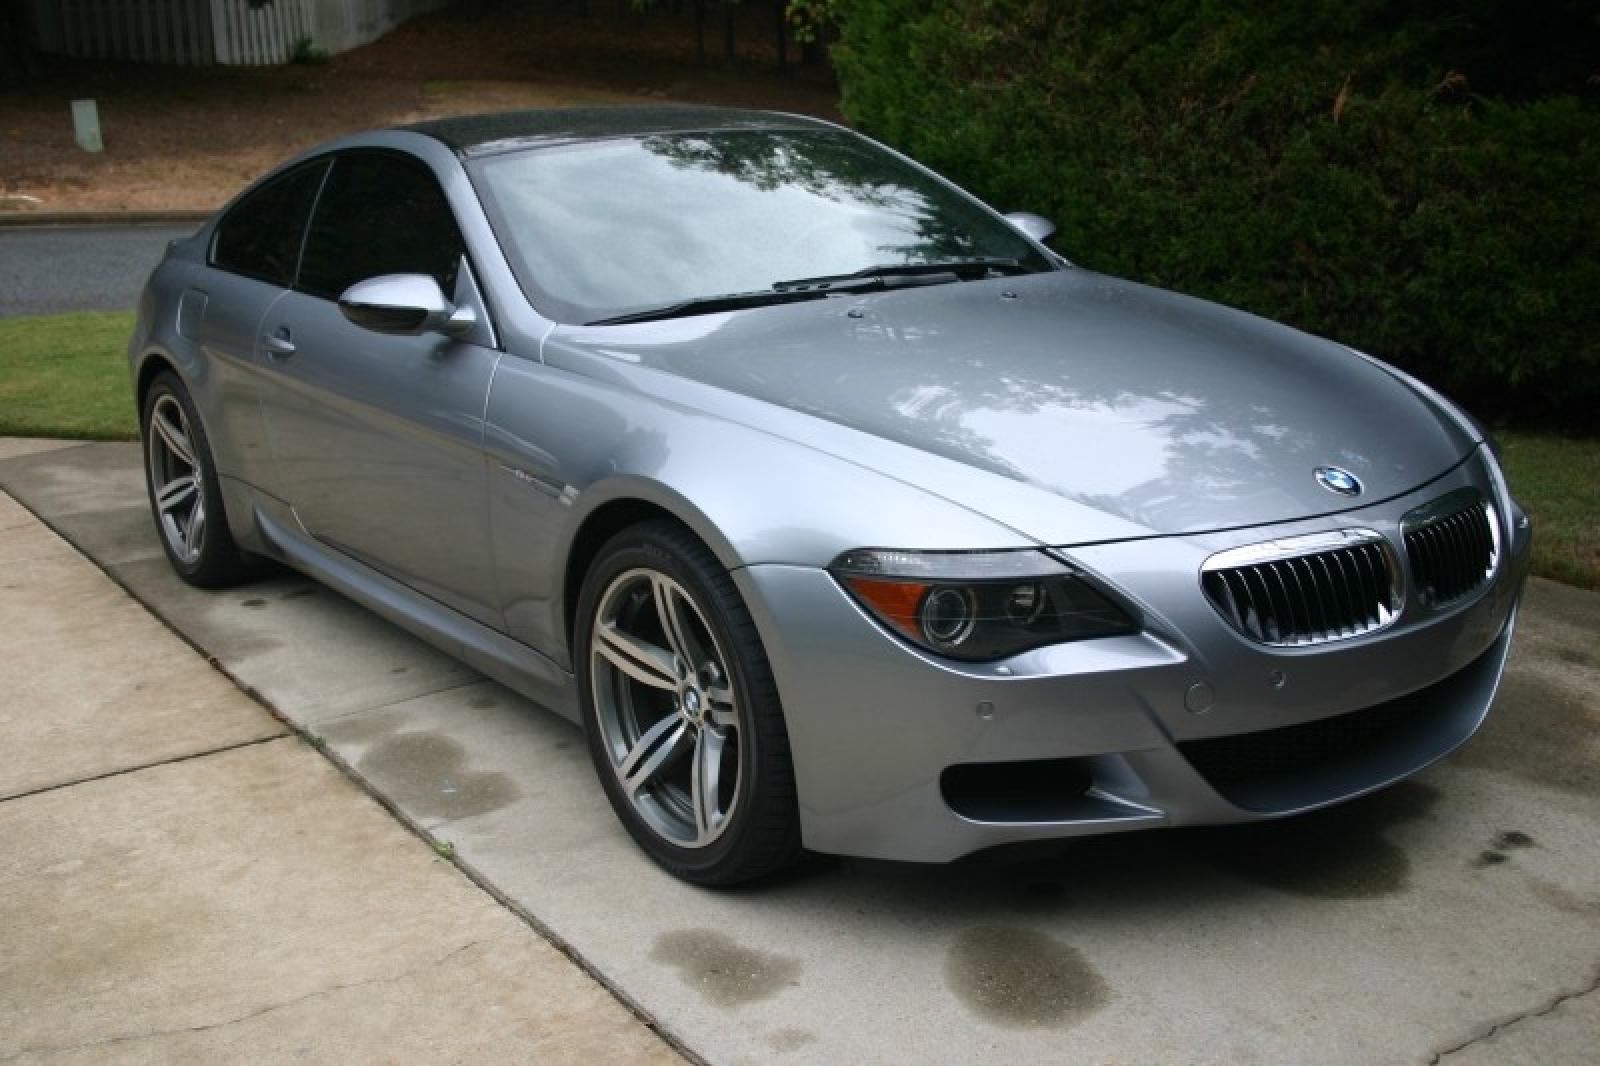 2006 Bmw M6 9